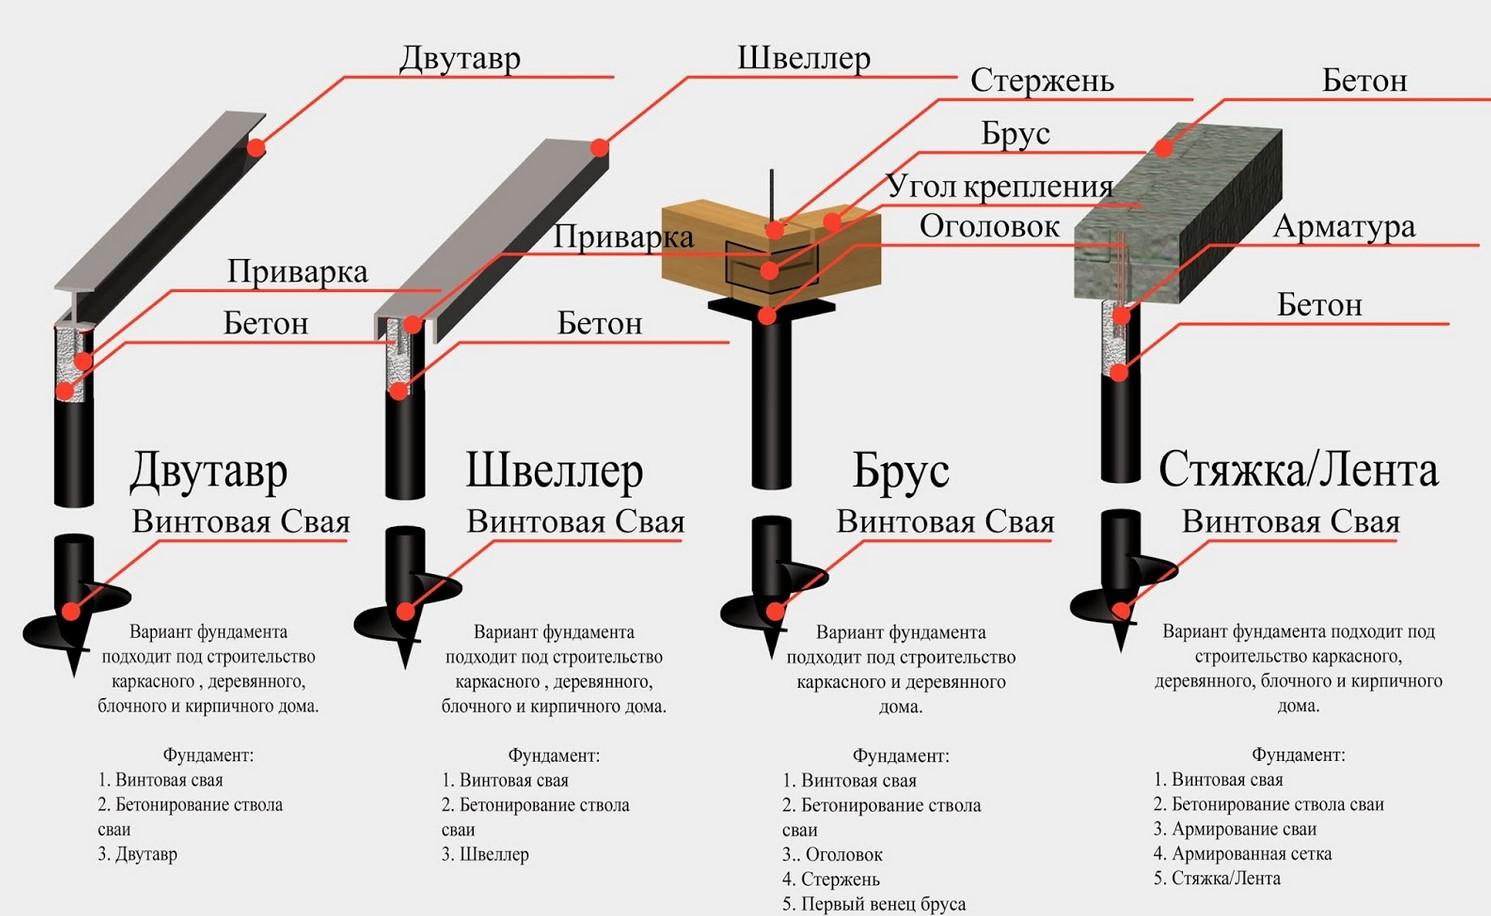 Свайный фундамент: материалы, строение, предназначение (Фундамент на палях: матеріали, будова, призначення)